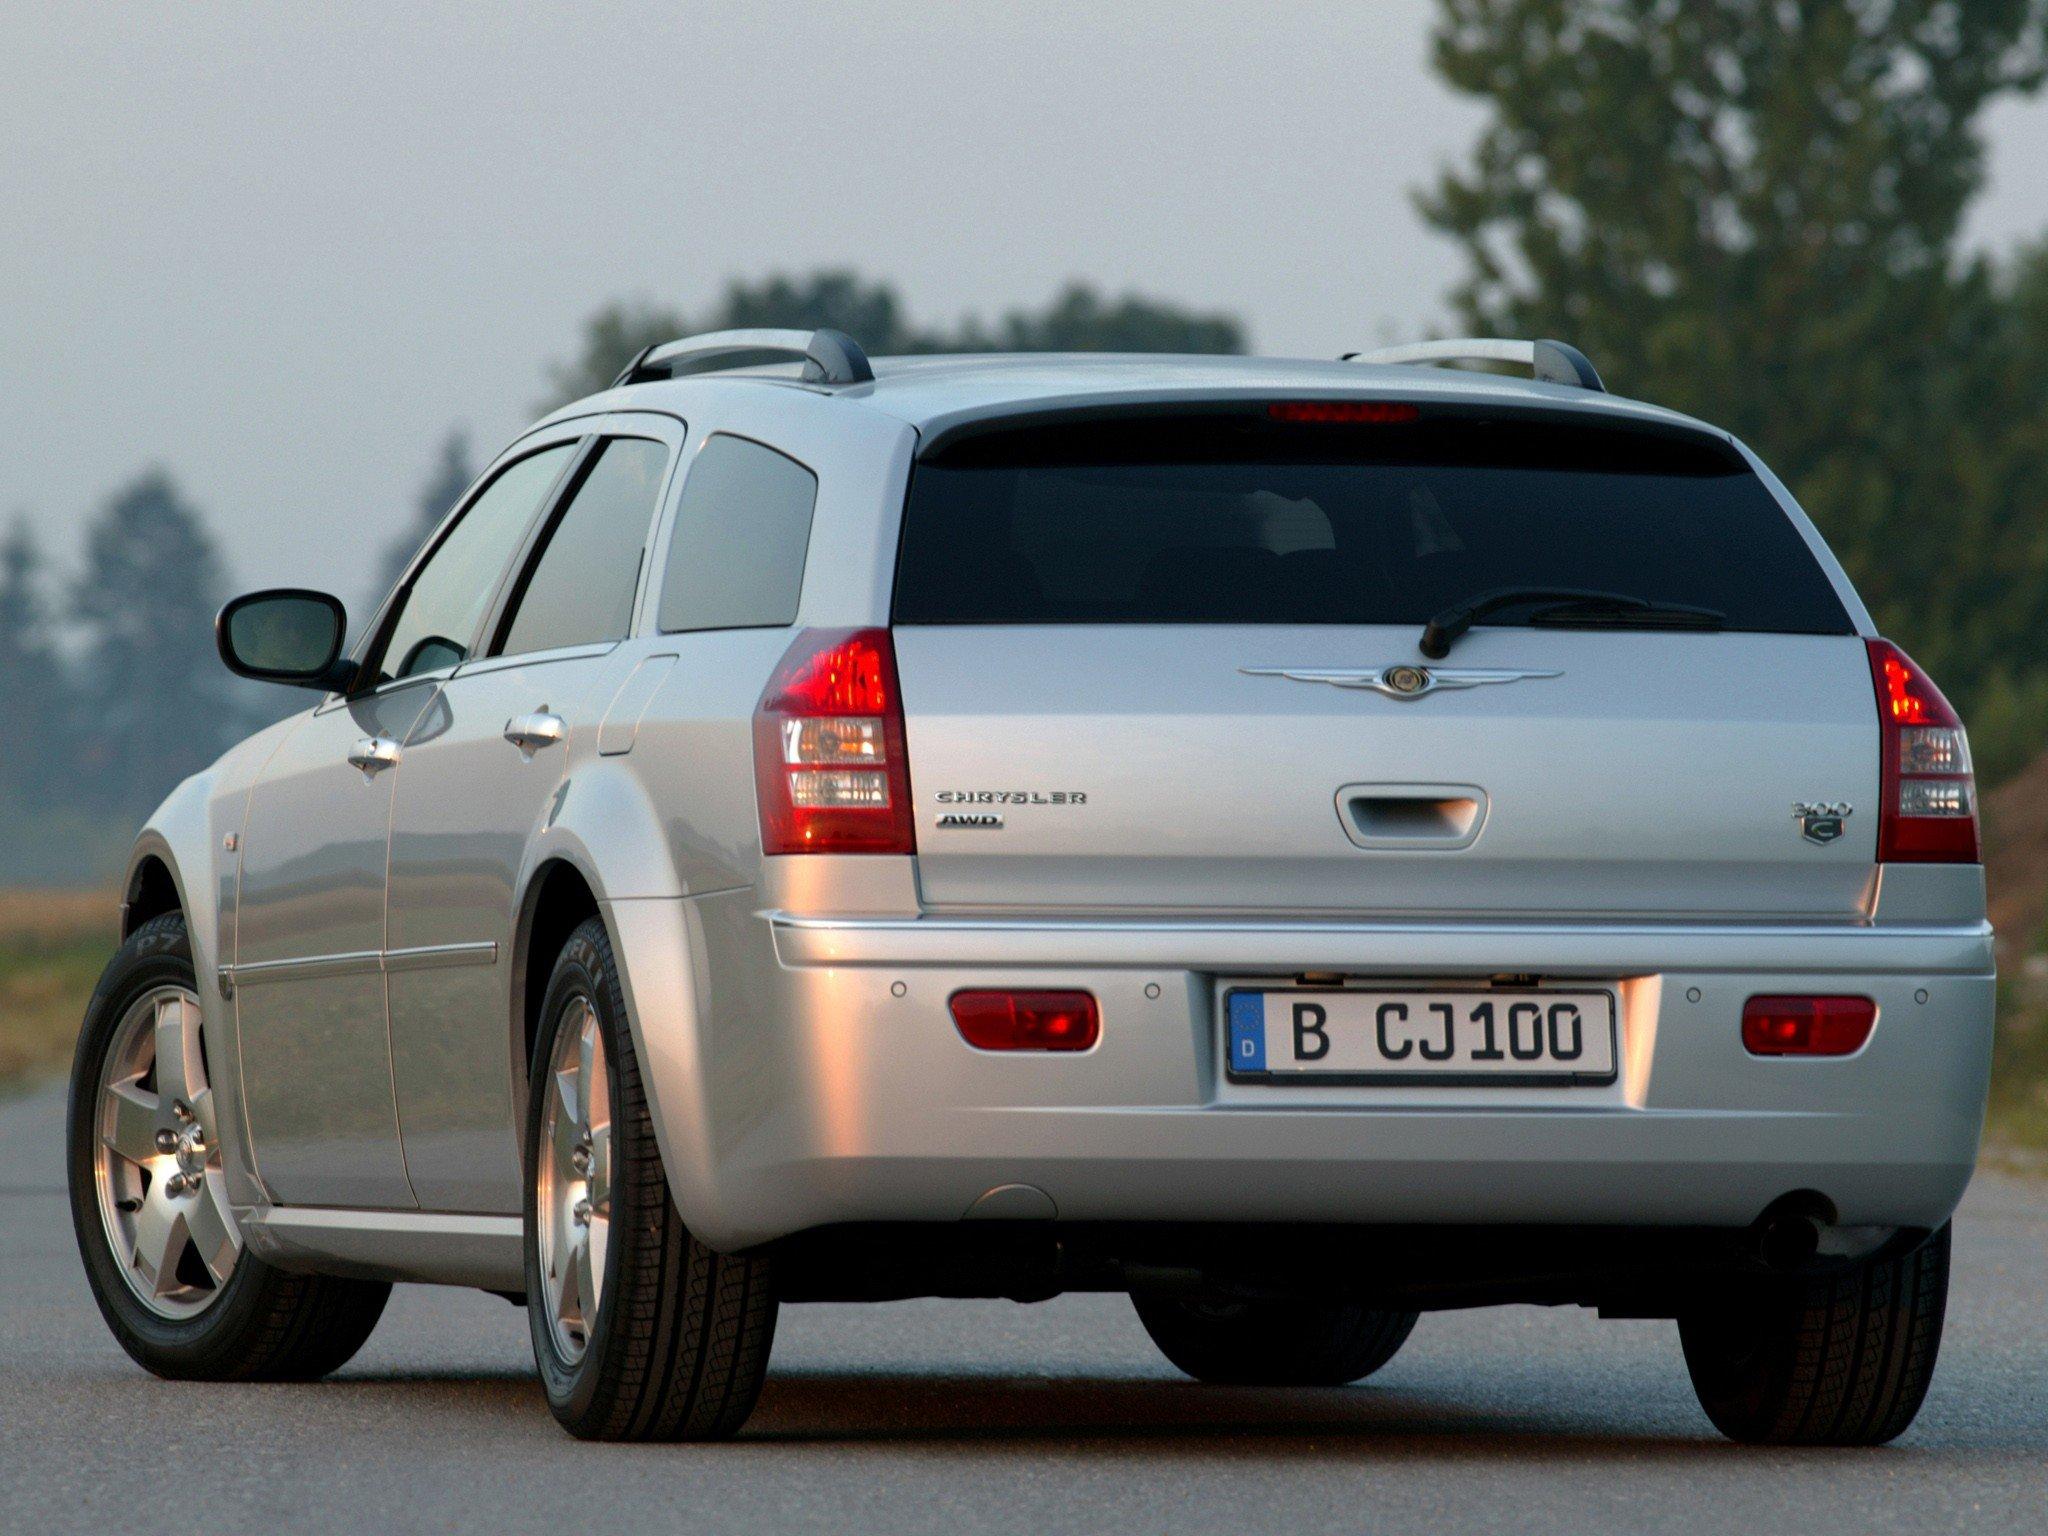 Вооруженные злоумышленники избили водителя Chrysler ипохитили семь млн. руб.